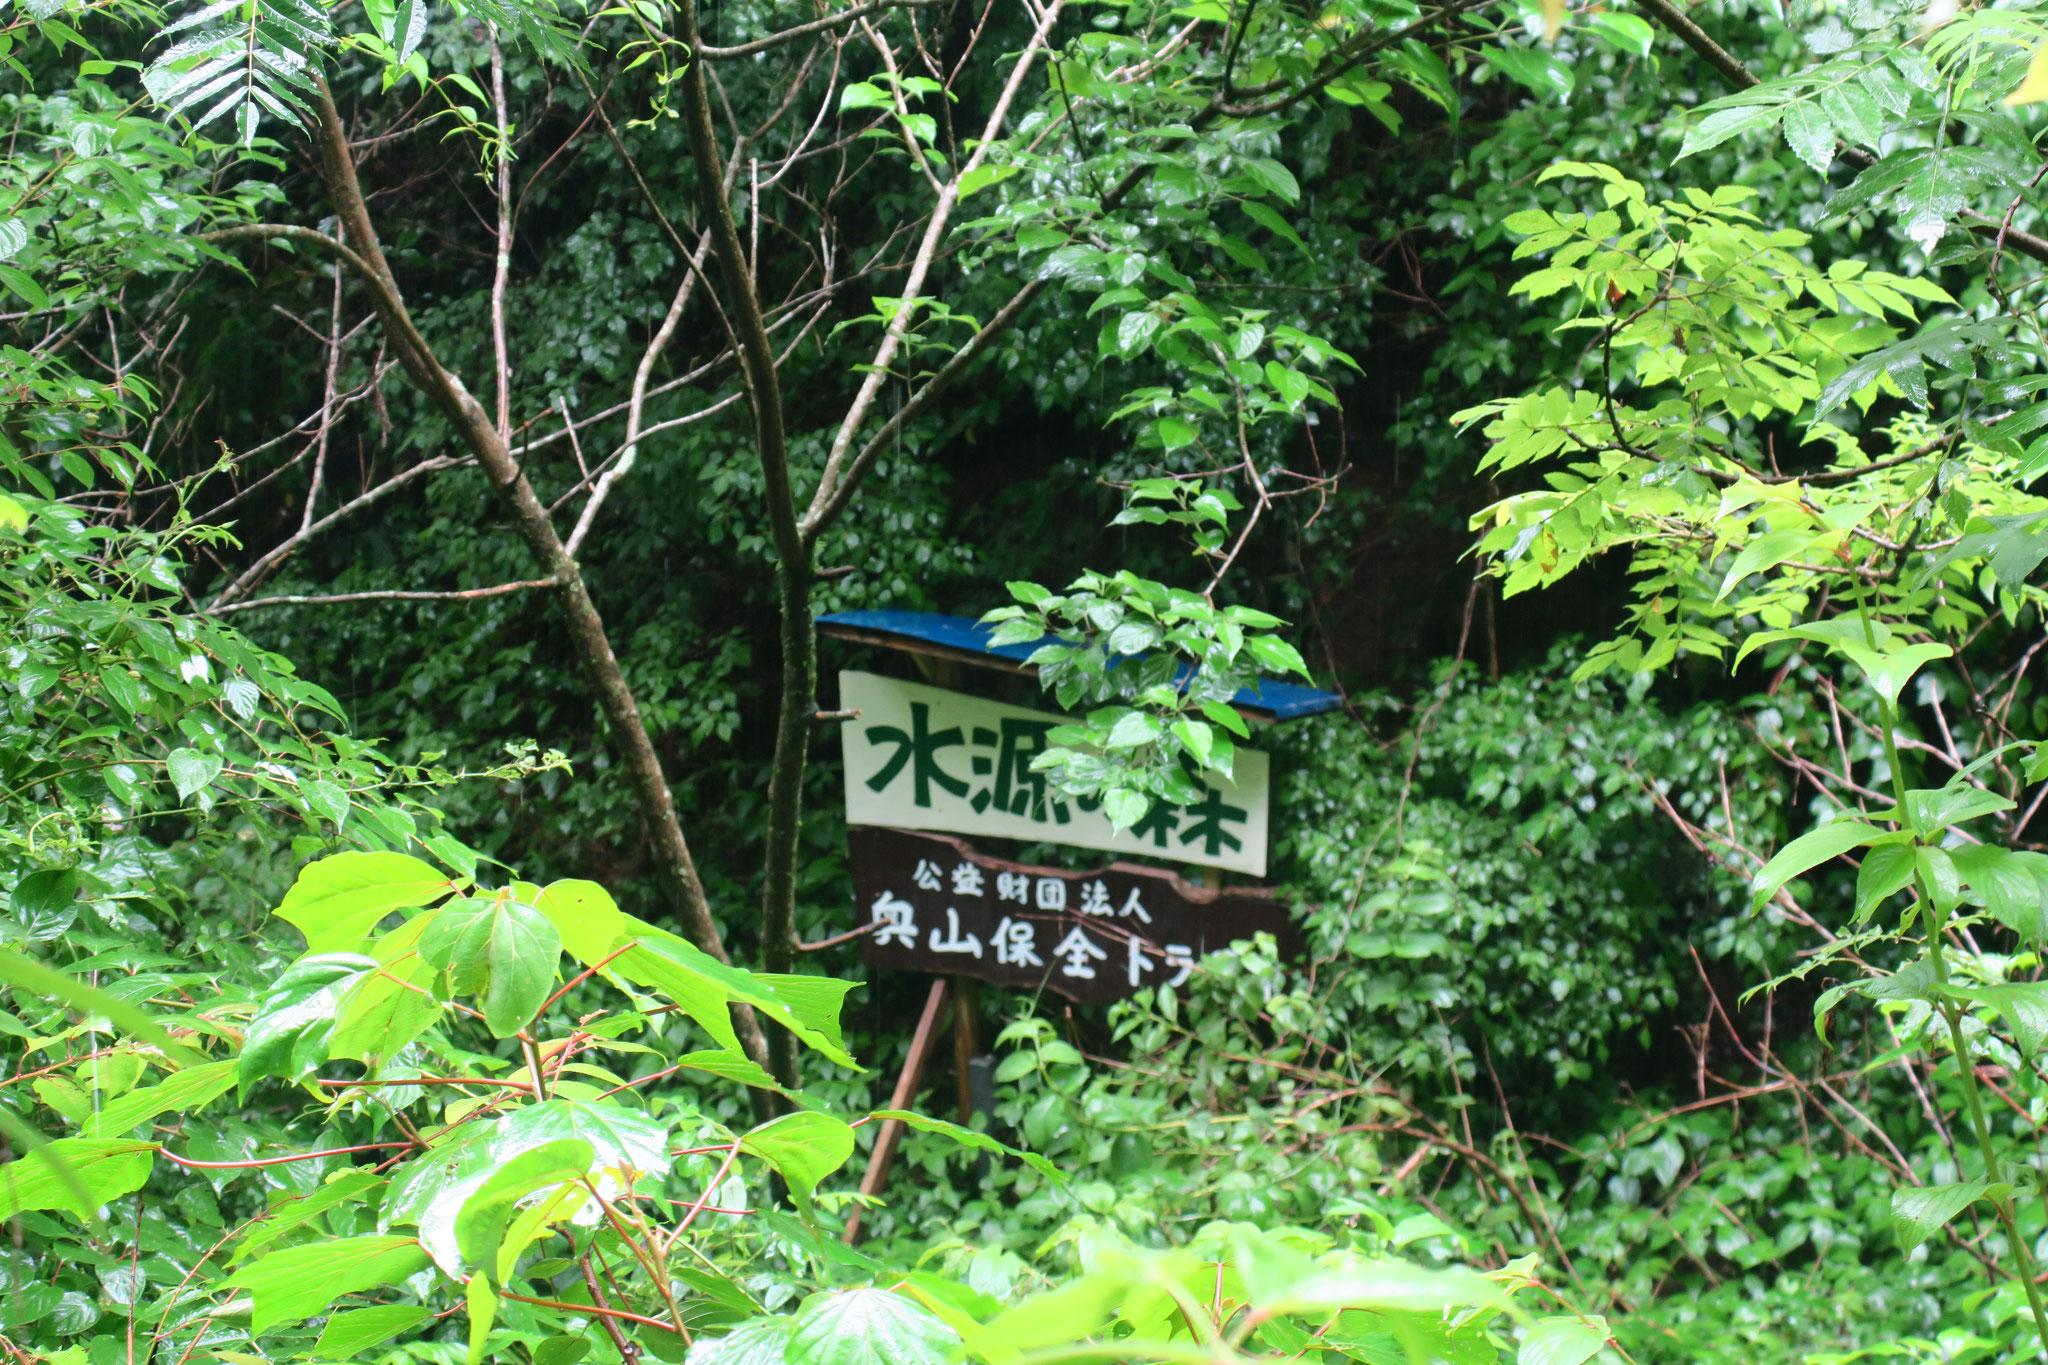 高千穂トラスト地(宮崎県高千穂町) 2009年取得 約2ha